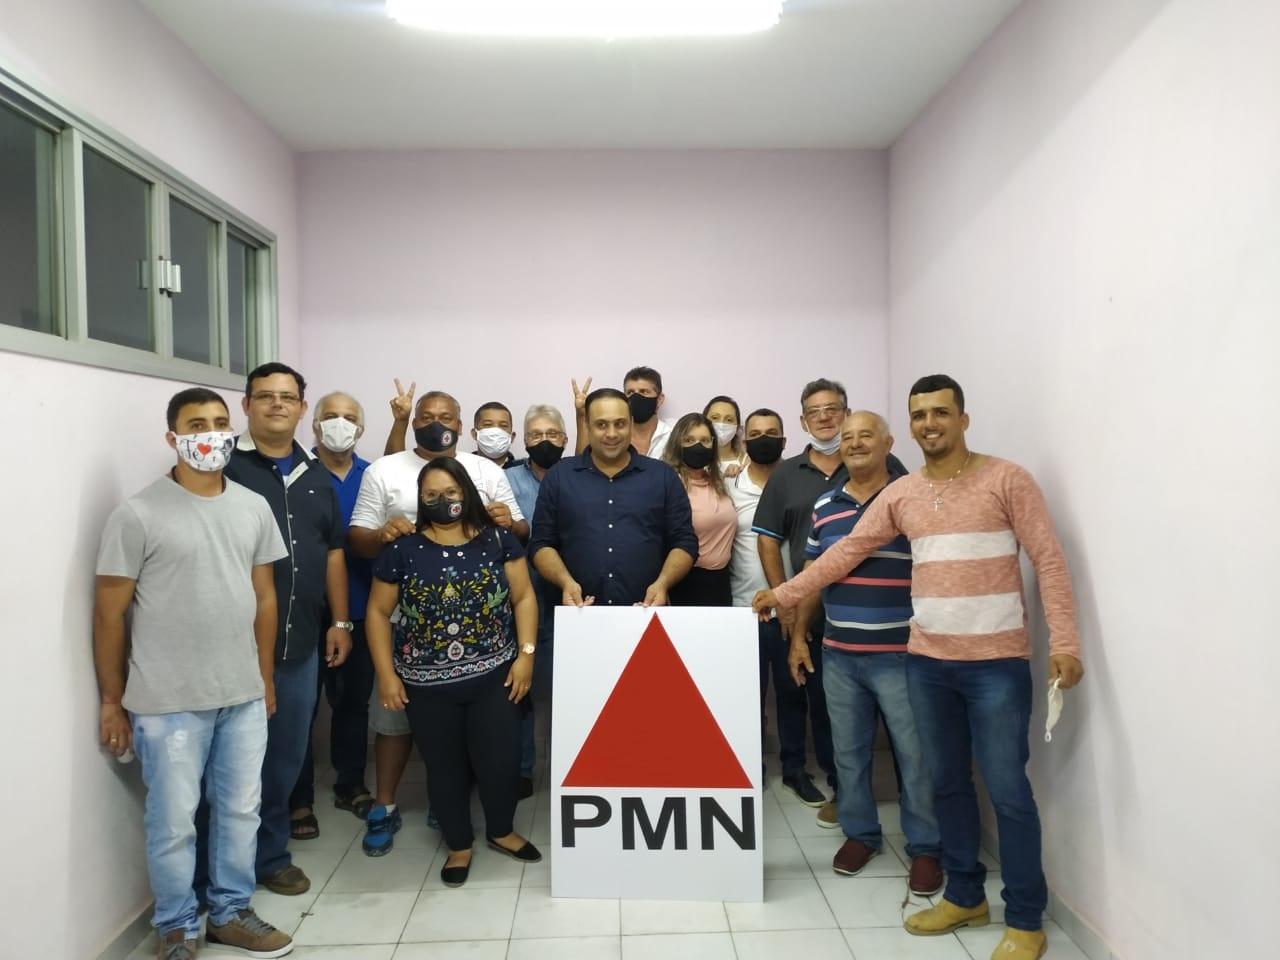 Eleições 2020: PMN realiza convenção e lança 10 candidatos a vereador em Iconha